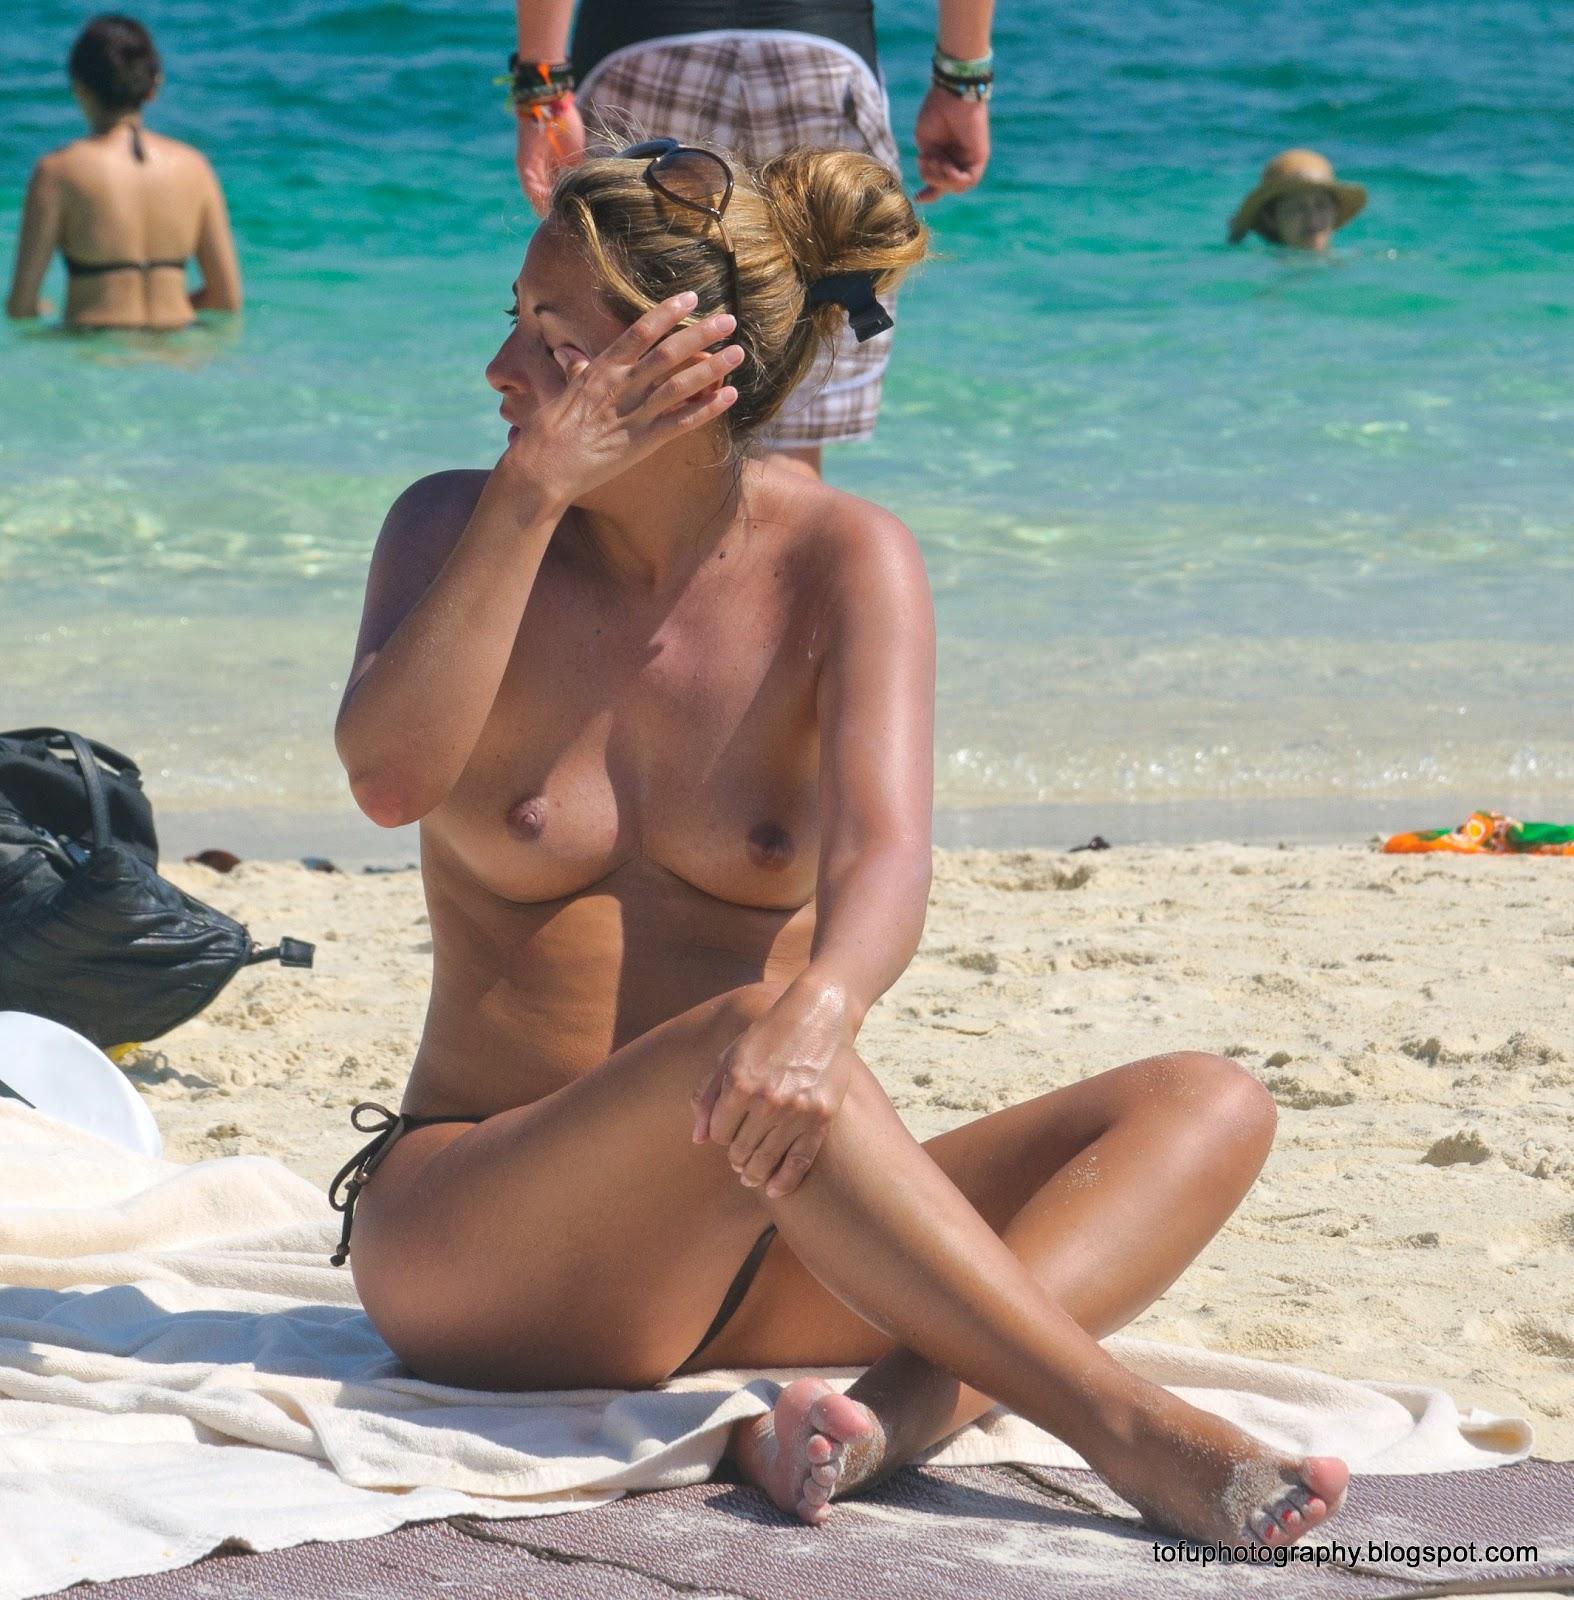 Stunning Naked Sunbather 76